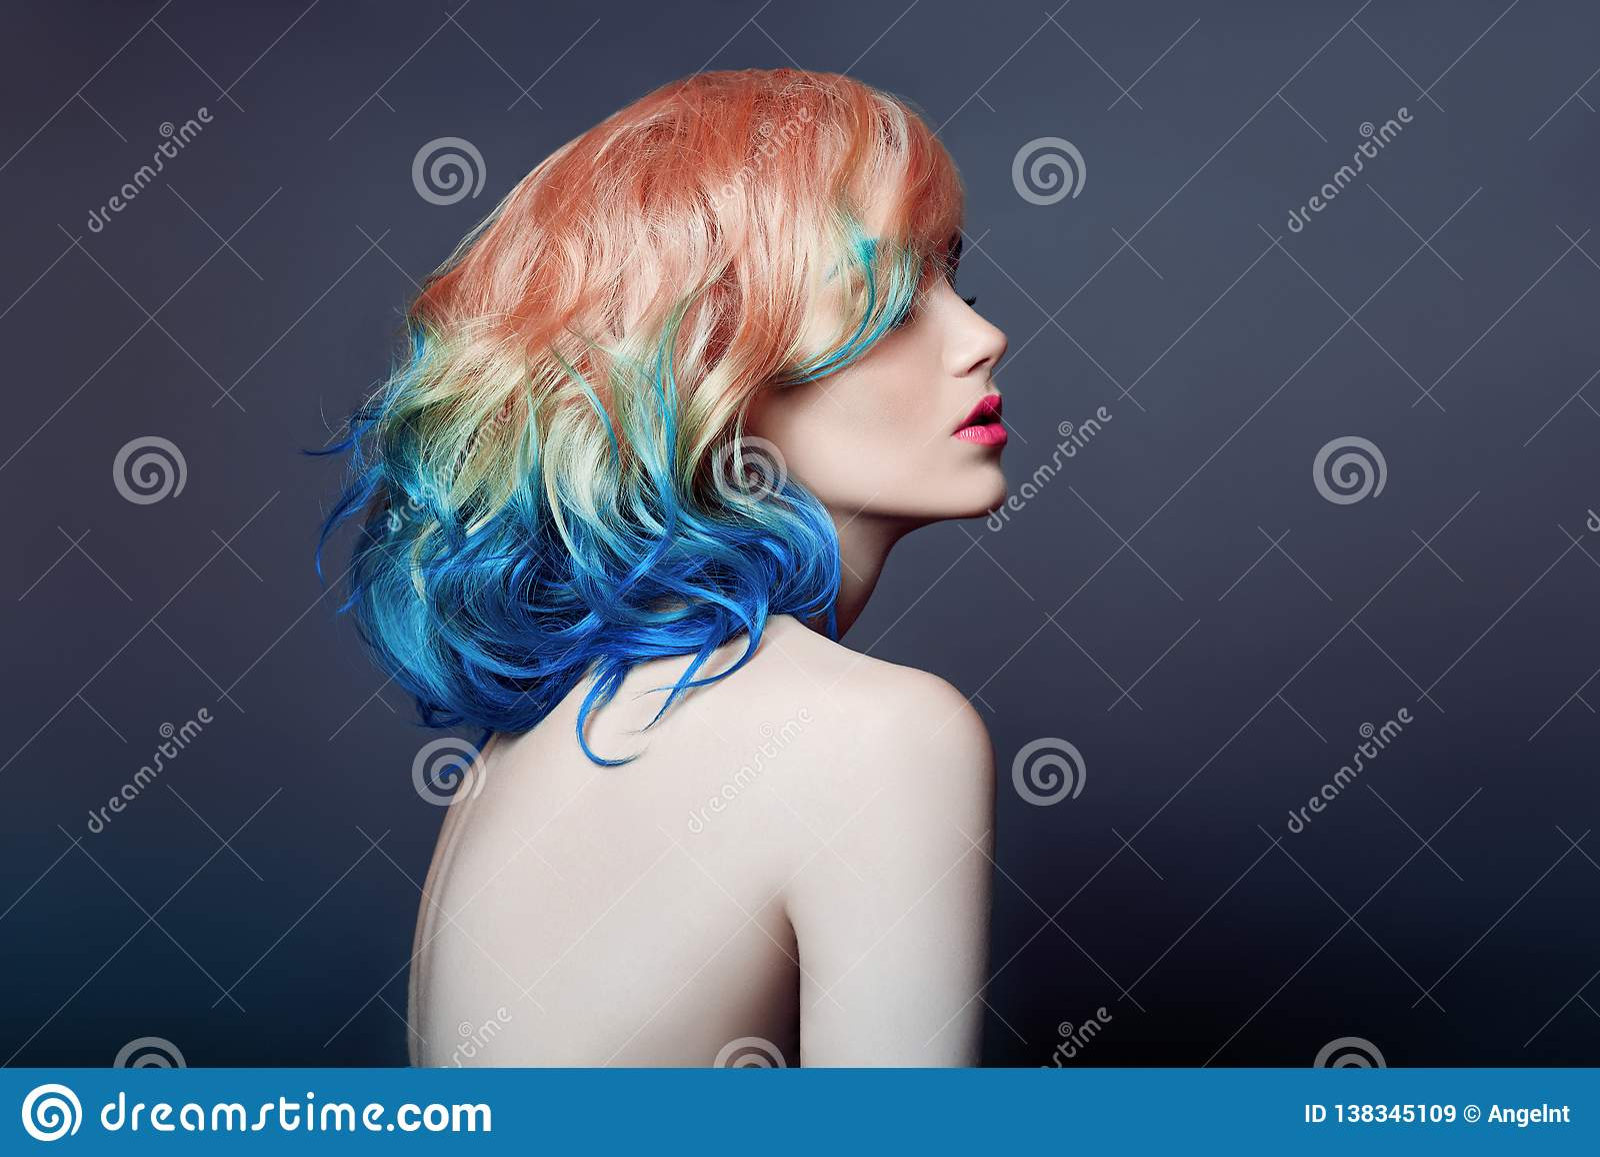 De portretvrouw met helder gekleurd vliegend haar, allen stelt purper blauw in de schaduw Haarkleuring, mooie lippen en make-up H